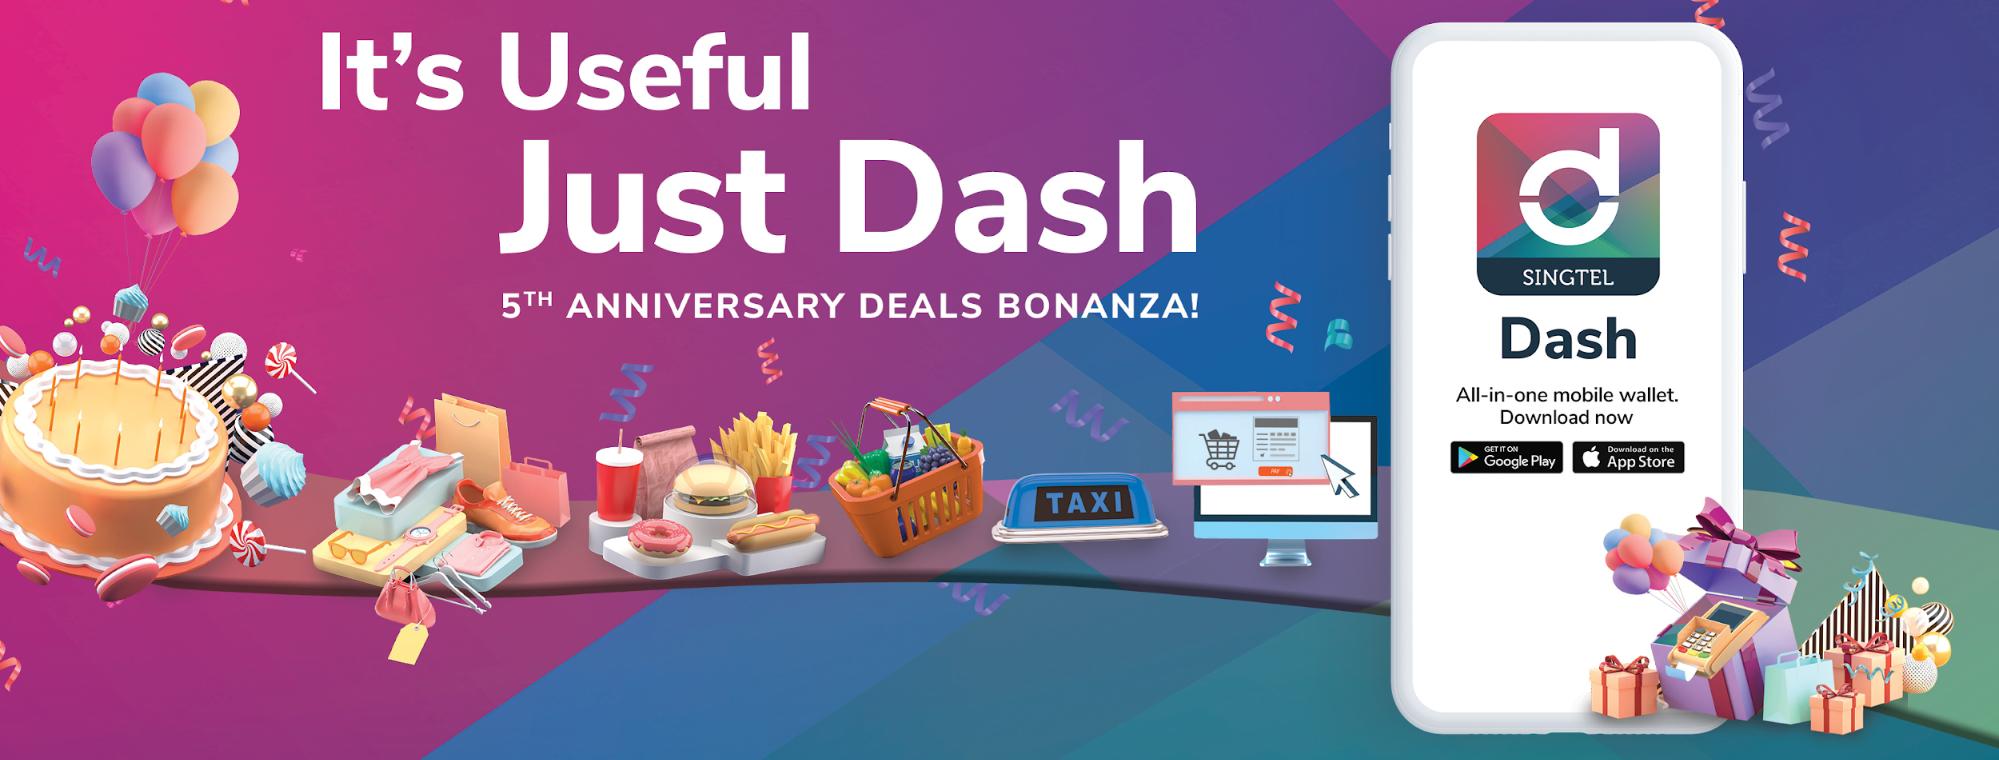 Singtel Dash deals and discounts